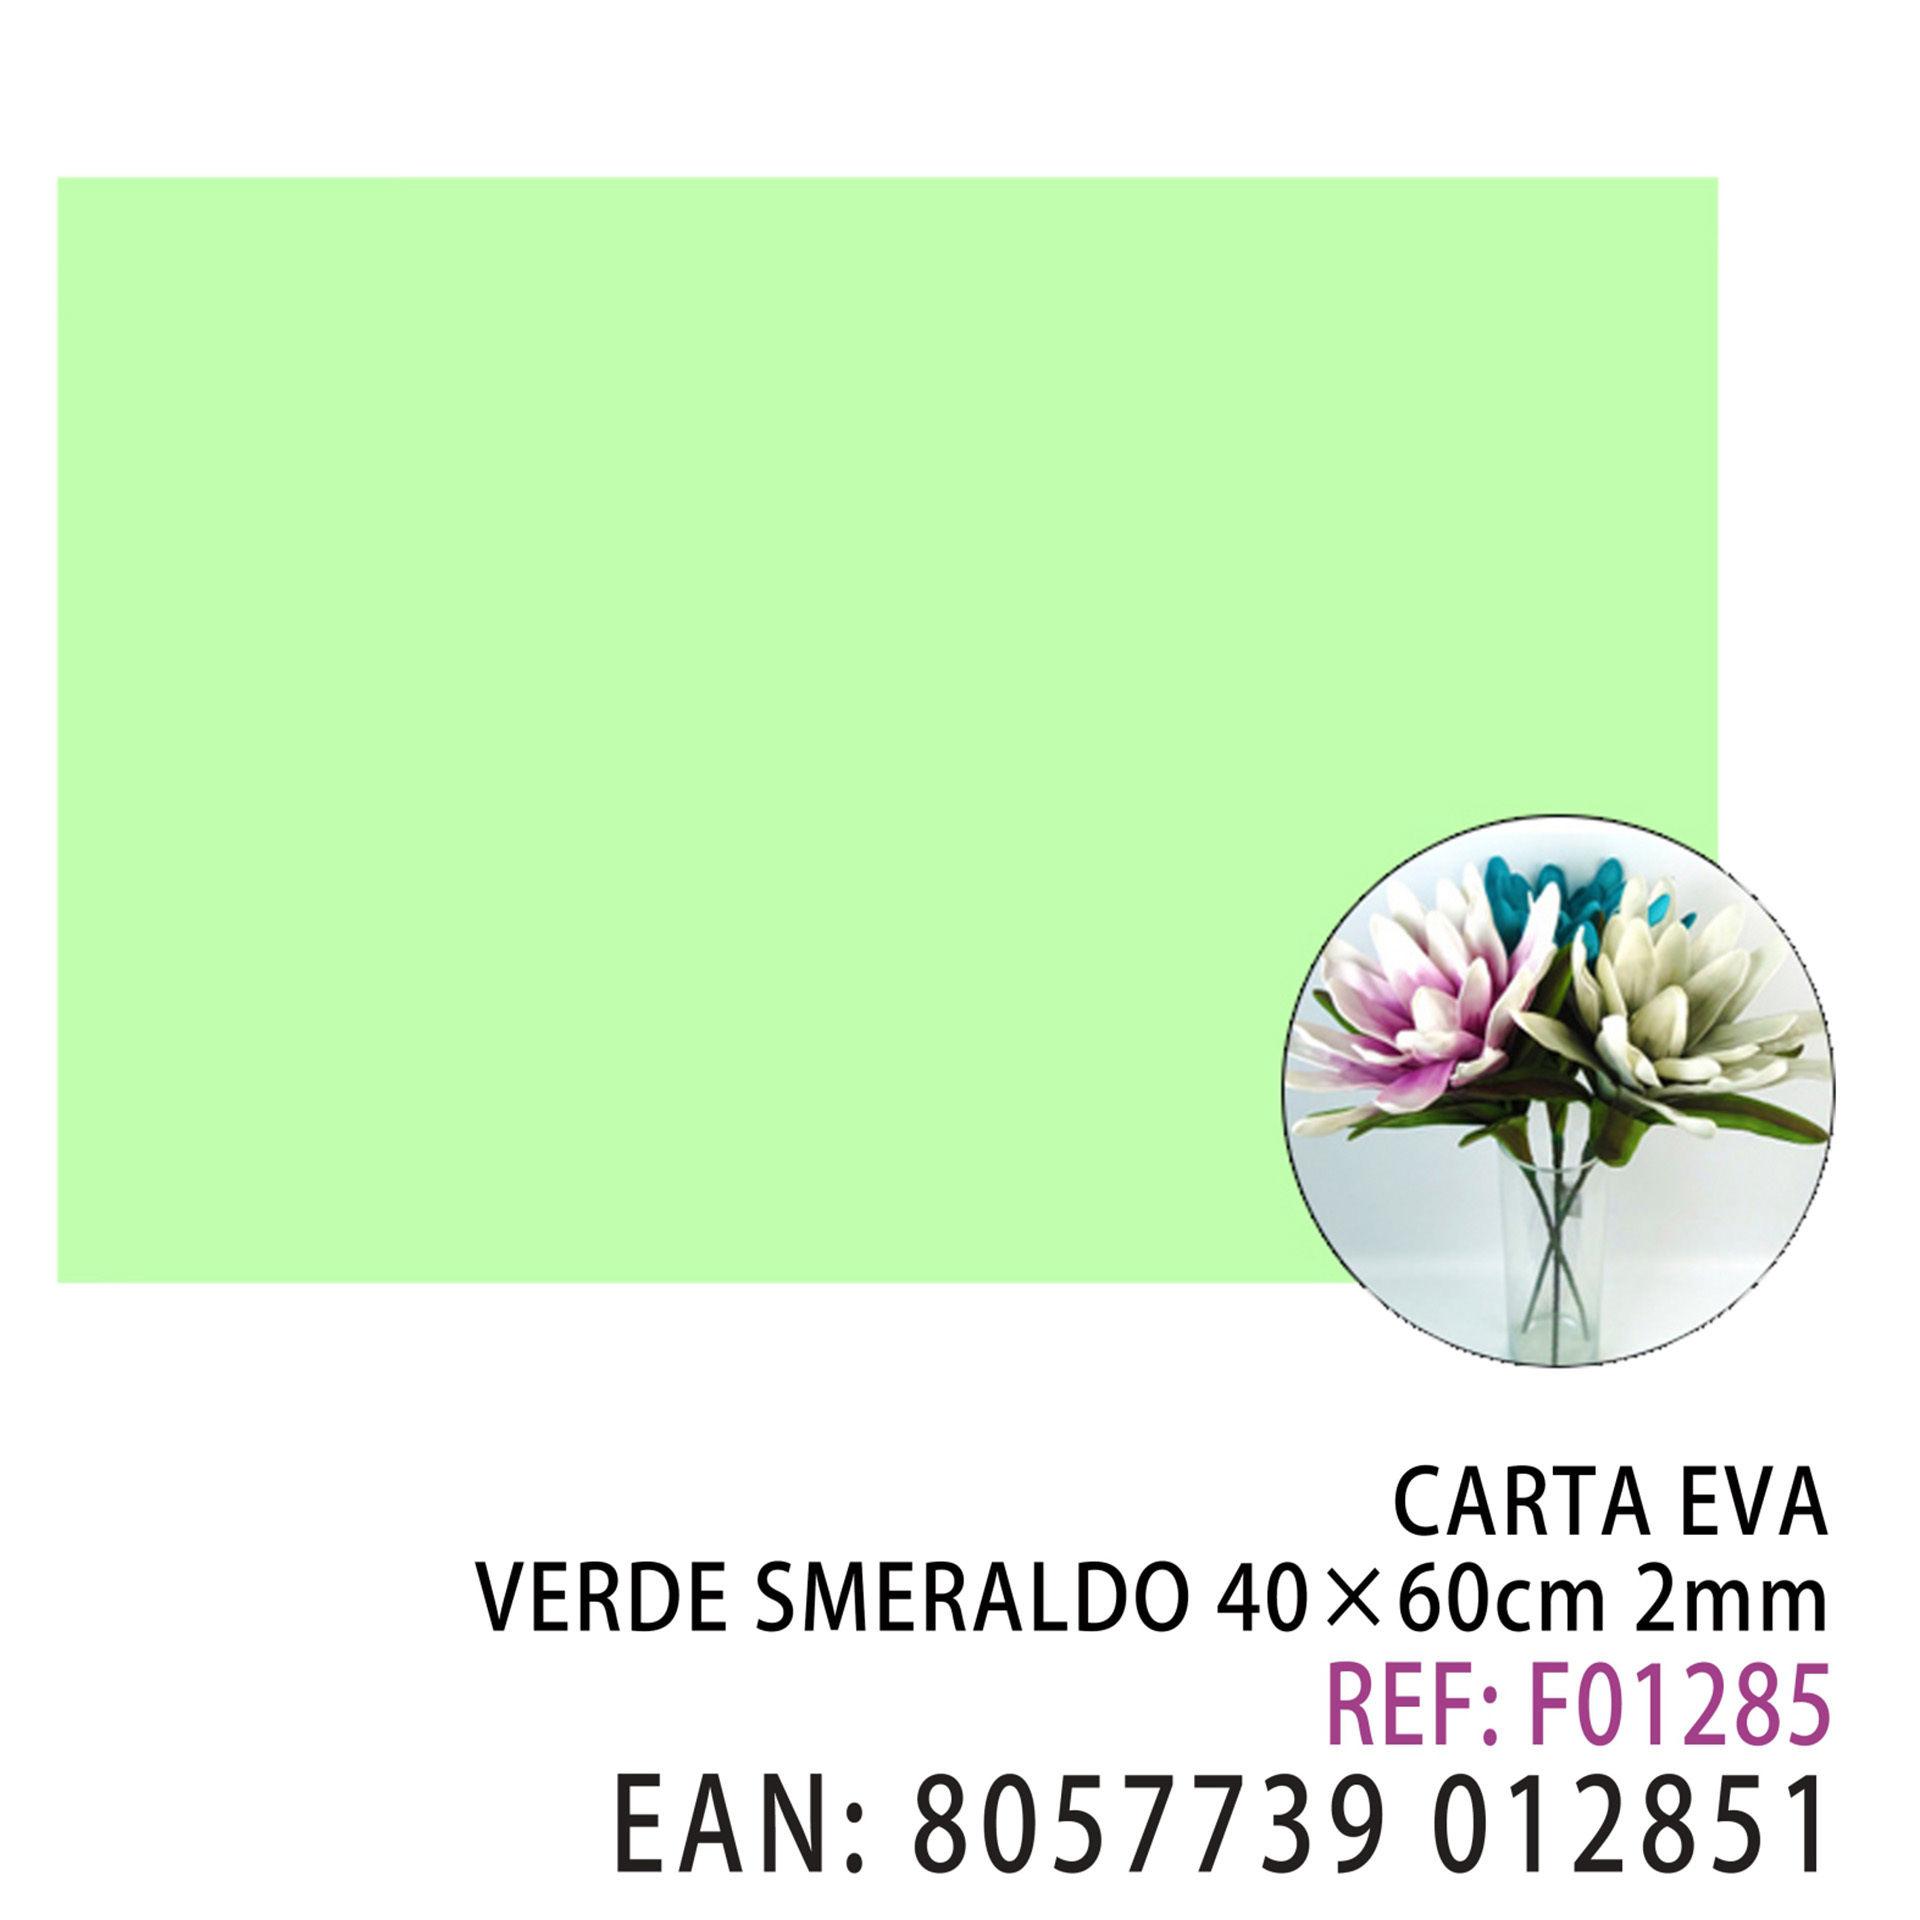 EVA VERDE SMERALDO 40*60CM*2MMDz